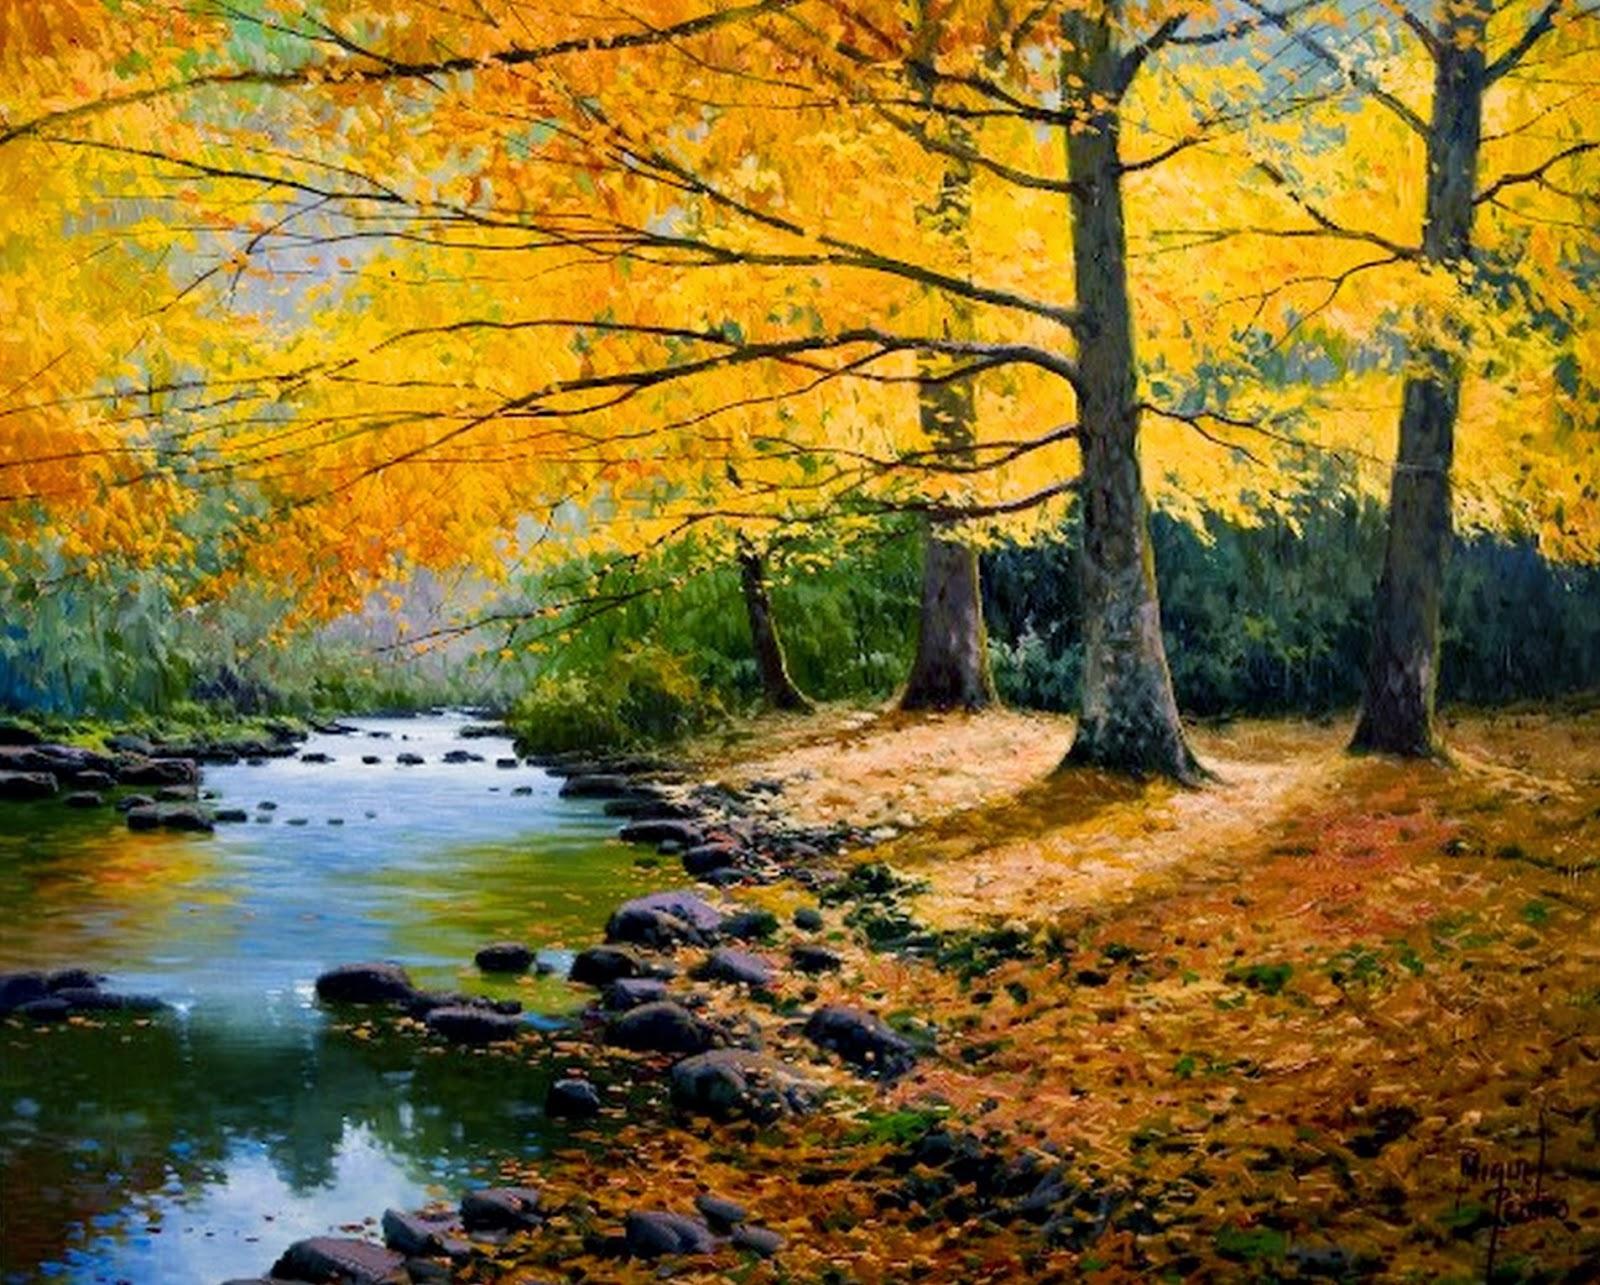 Im genes arte pinturas cuadros de paisajes naturales - Pintores en asturias ...